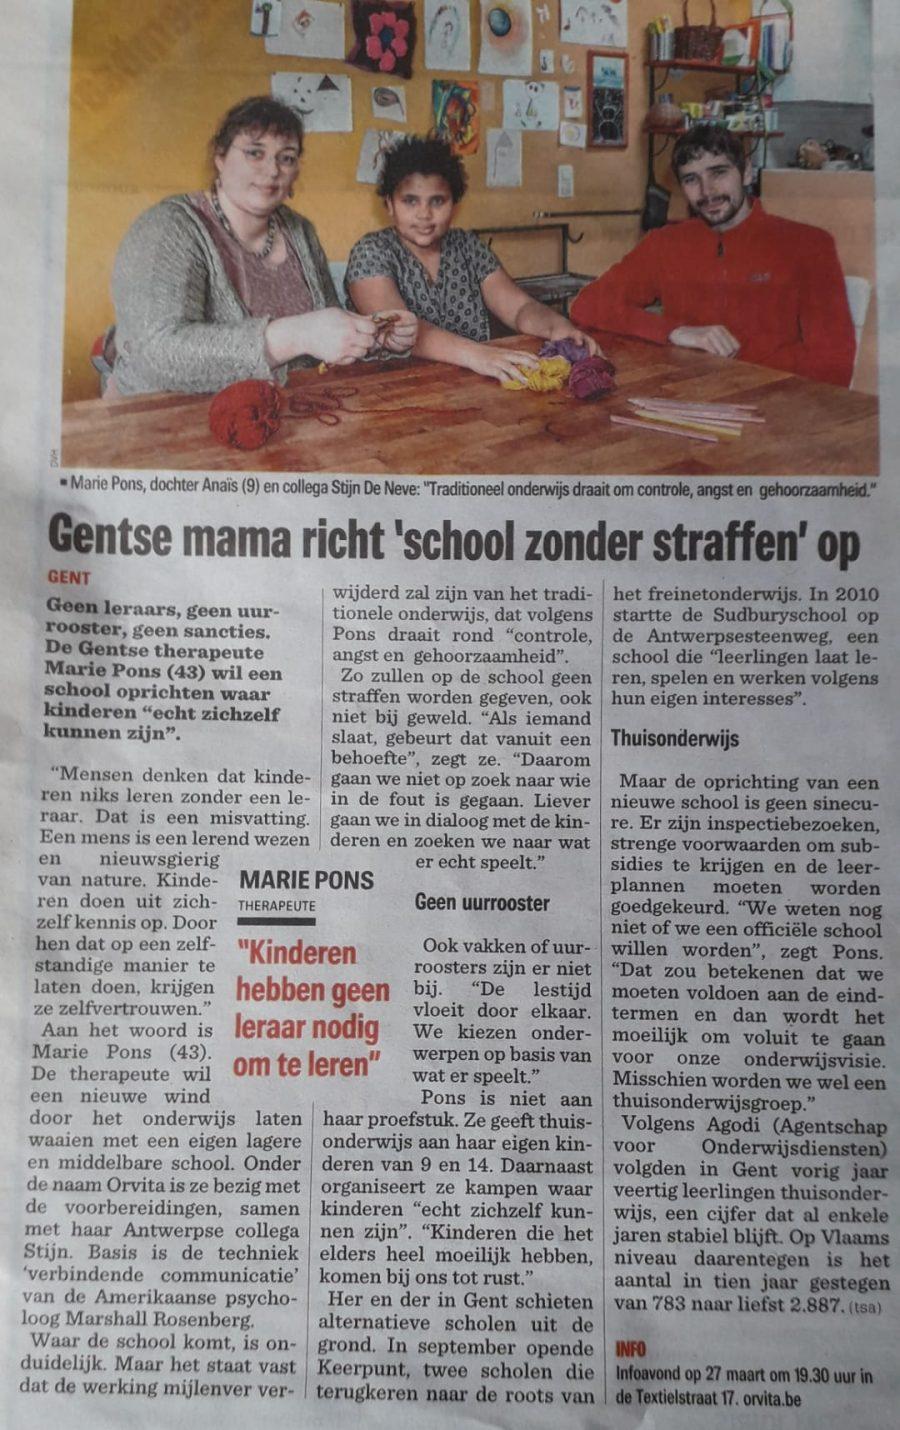 Orvita - De Gentenaar / Het nieuwsblad - 21 januari 2020